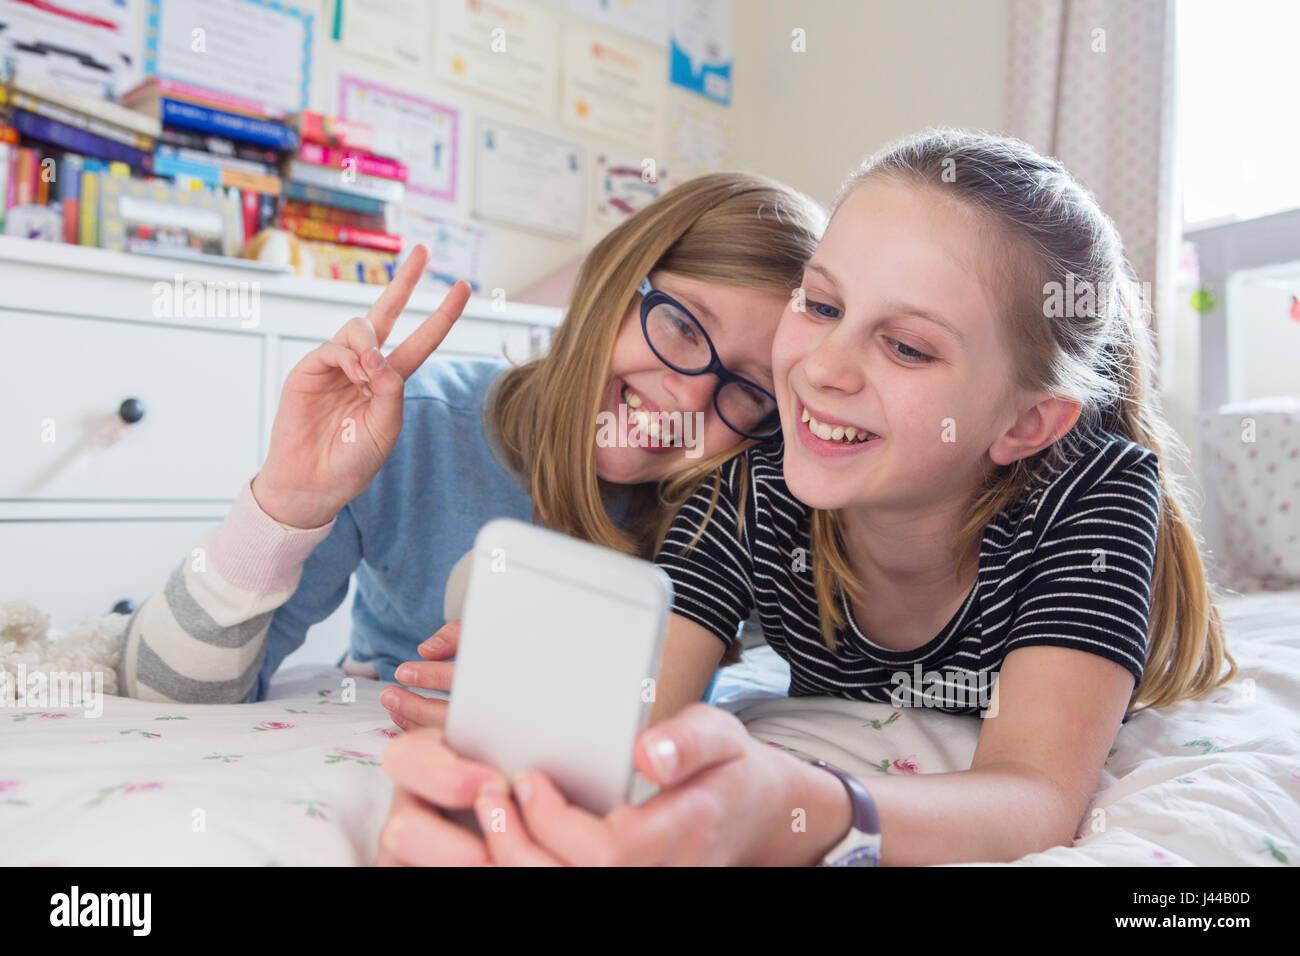 Zwei junge Mädchen posieren für Selfie im Schlafzimmer Stockbild